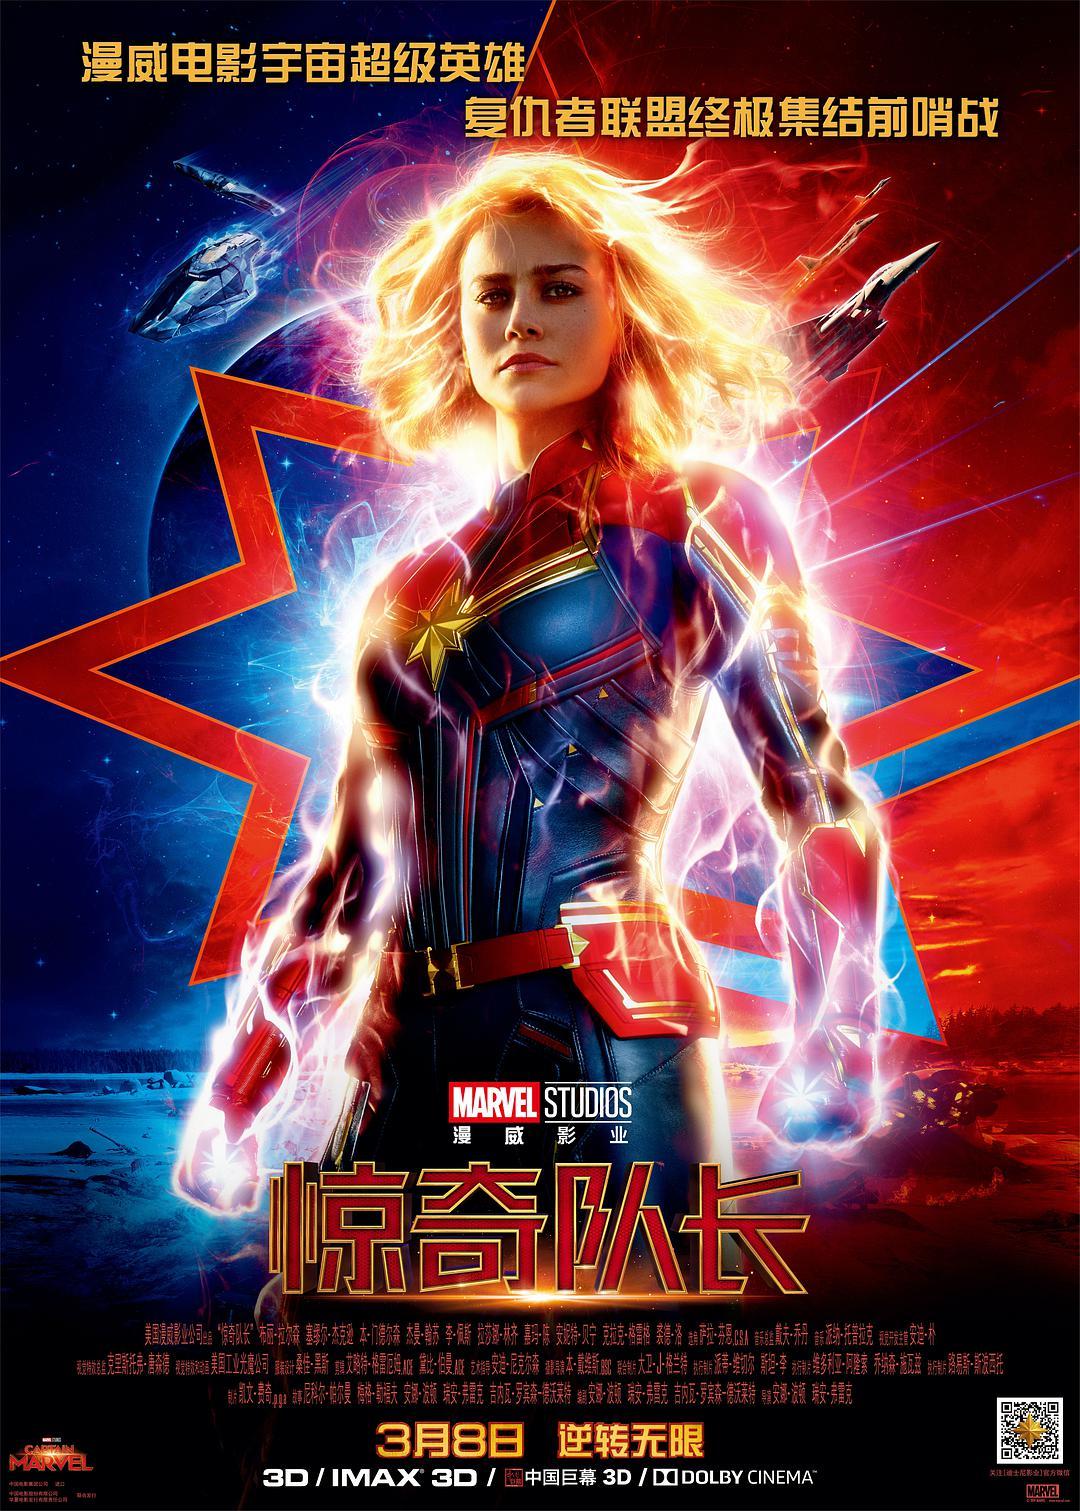 【阿里云盘】[极品资源]惊奇队长.特效中英字幕.Captain.Marvel.2019.BD1080P.X264.AAC